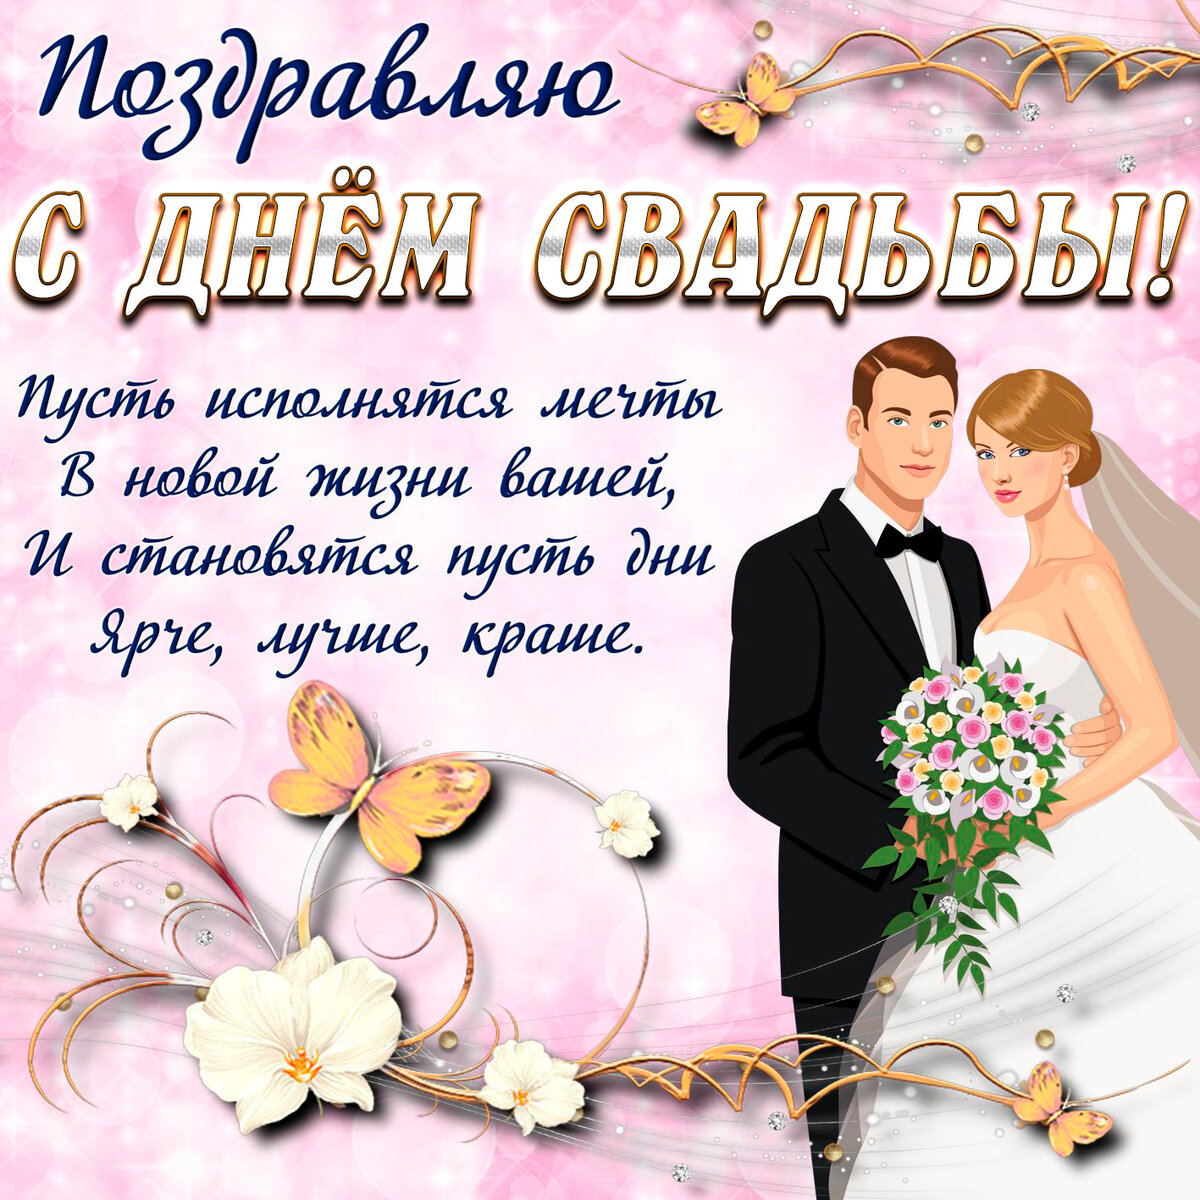 Поздравление со свадьбой открытки с текстом